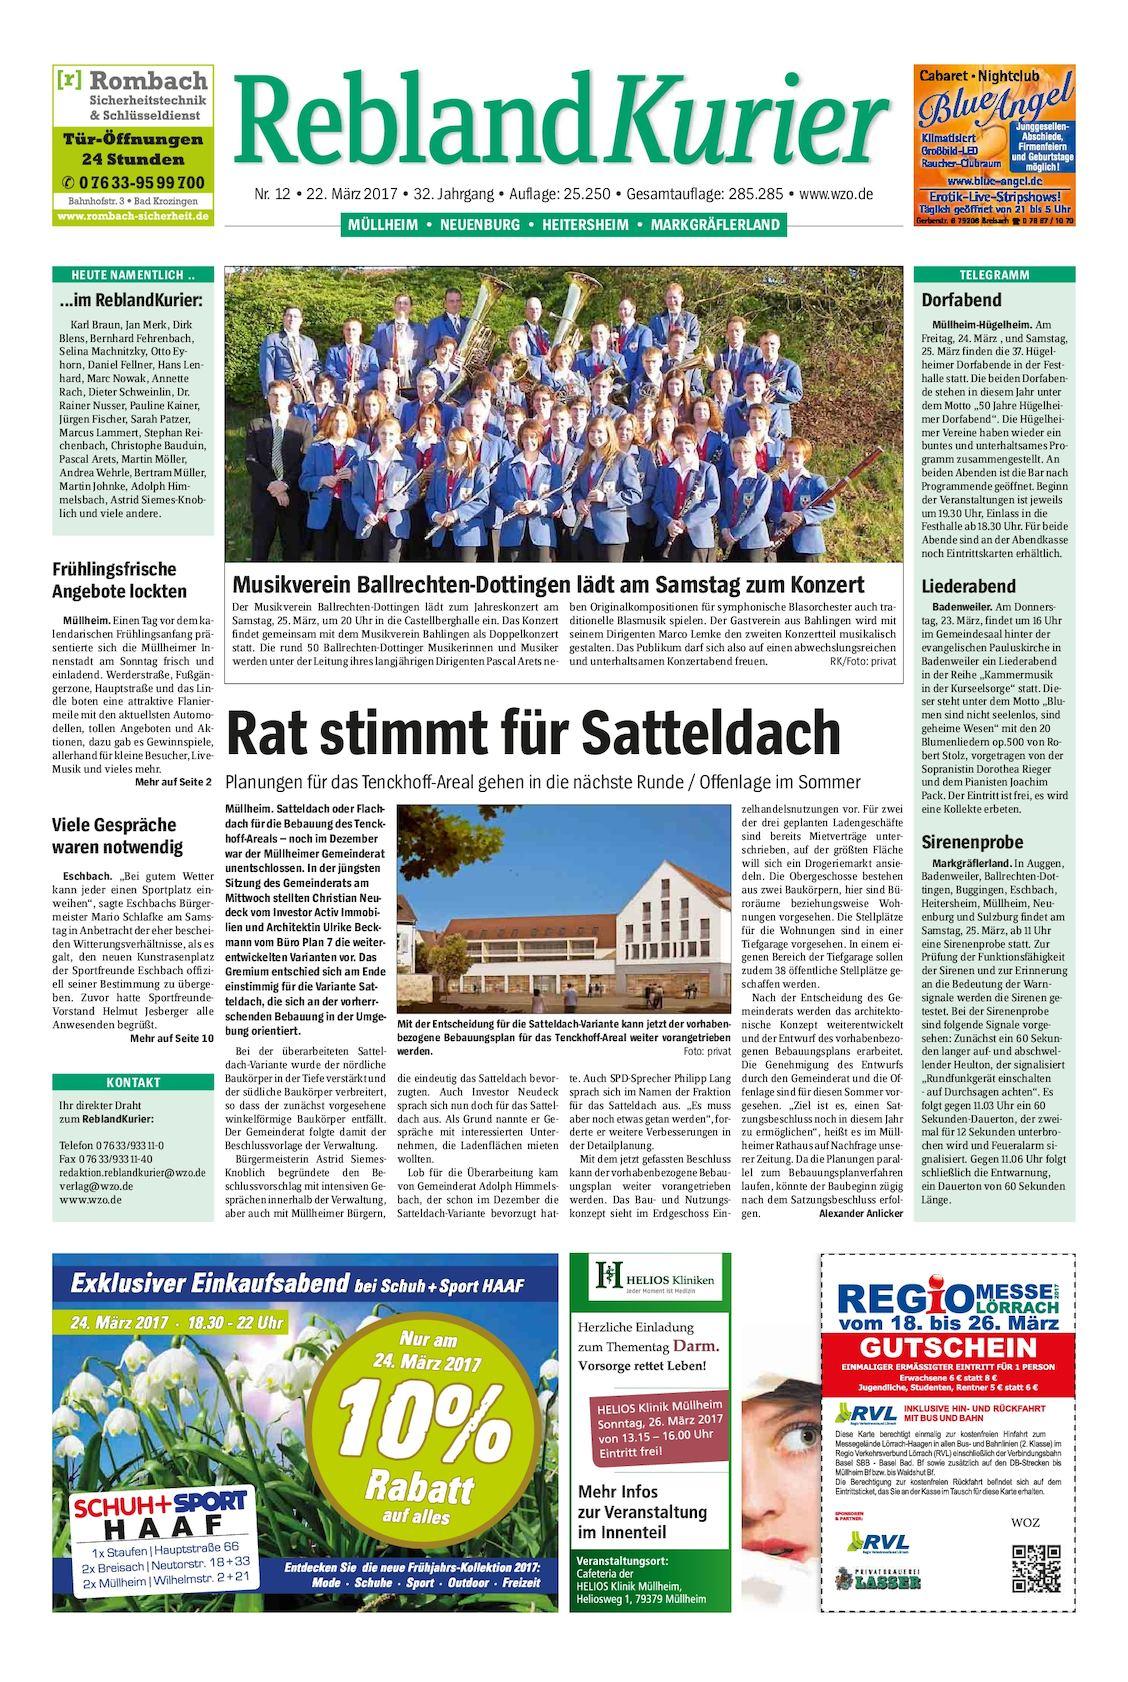 Calaméo - ReblandKurier-Muellheim